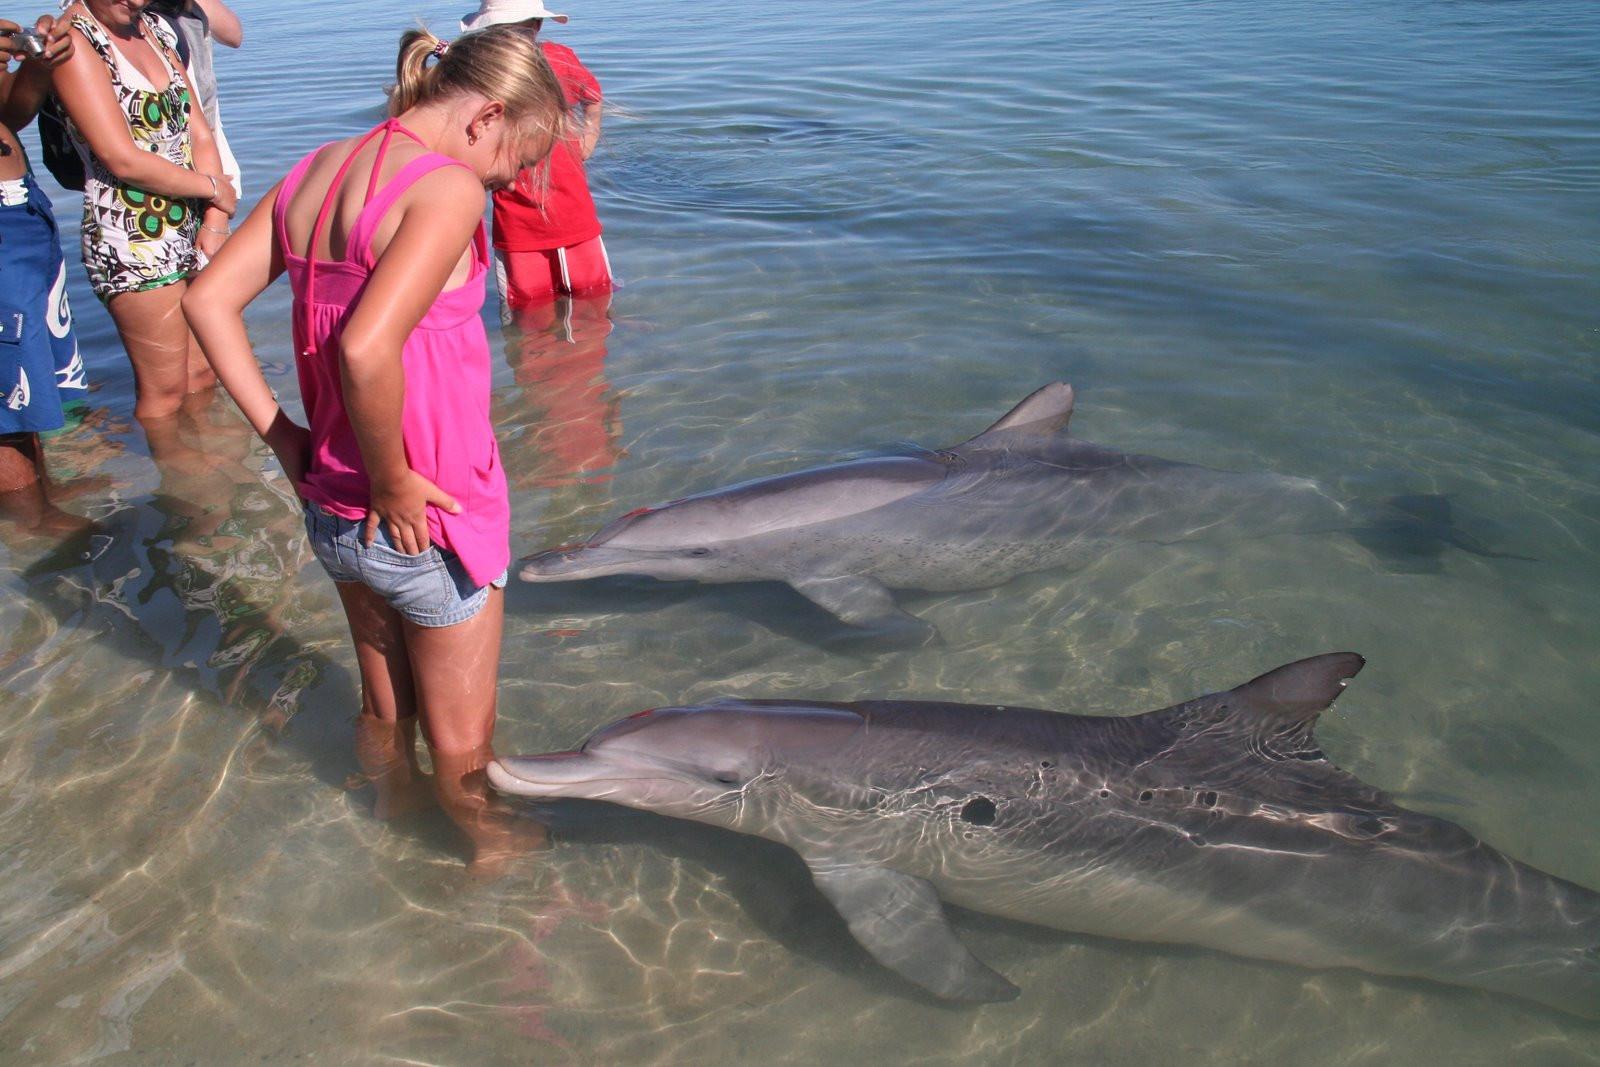 СМИ проинформировали о массовой смерти дельфинов вКрыму